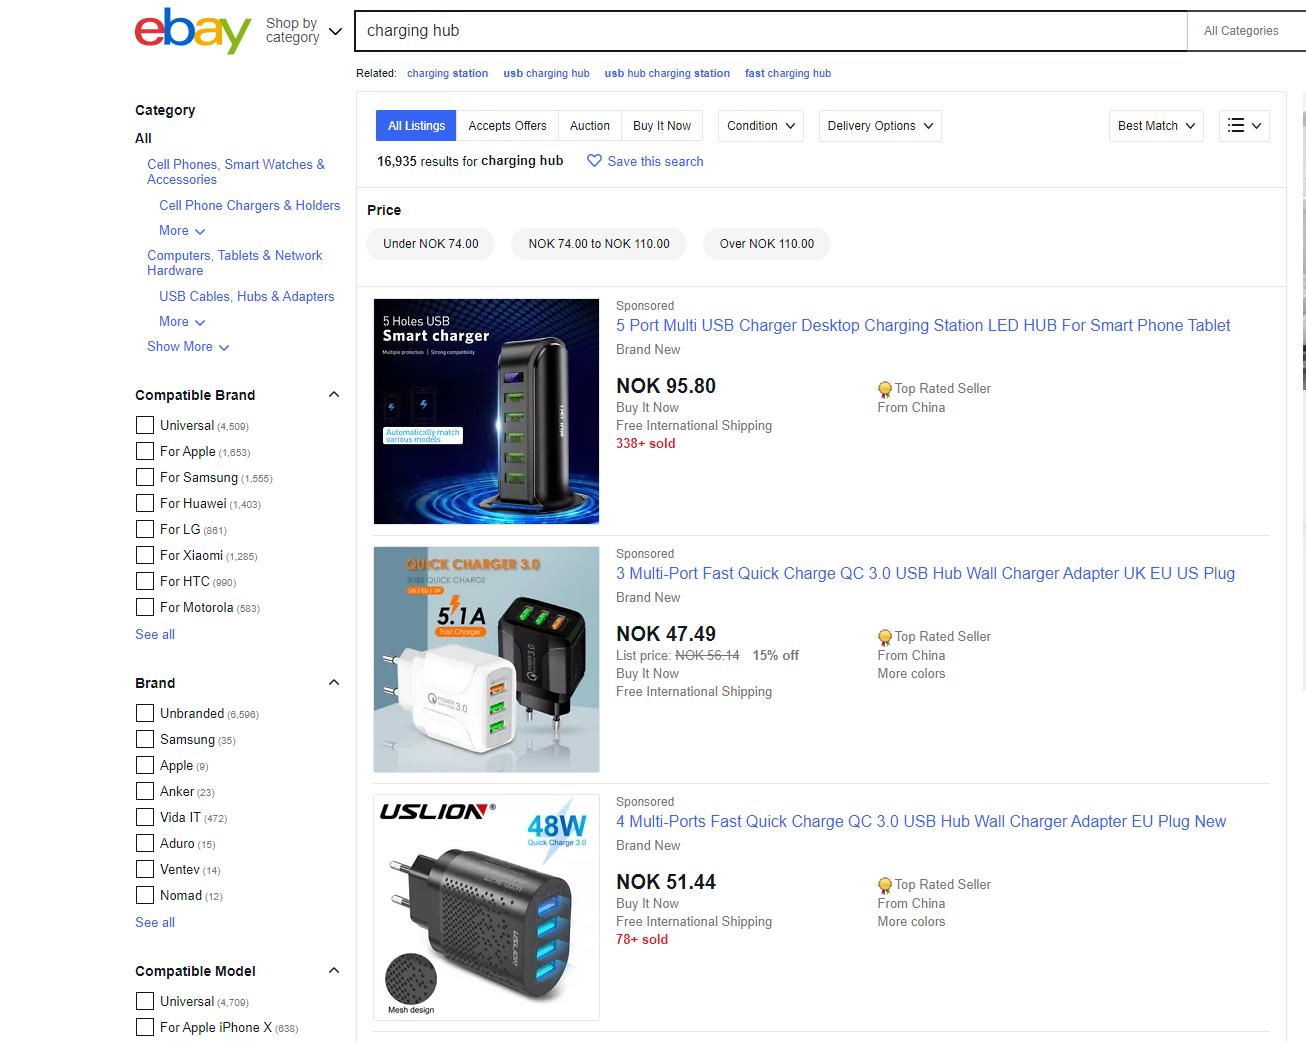 Du kan kjøpe en myriade av ulike ladehuber fra både internasjonale og norske nettsider. Her fra Ebay.